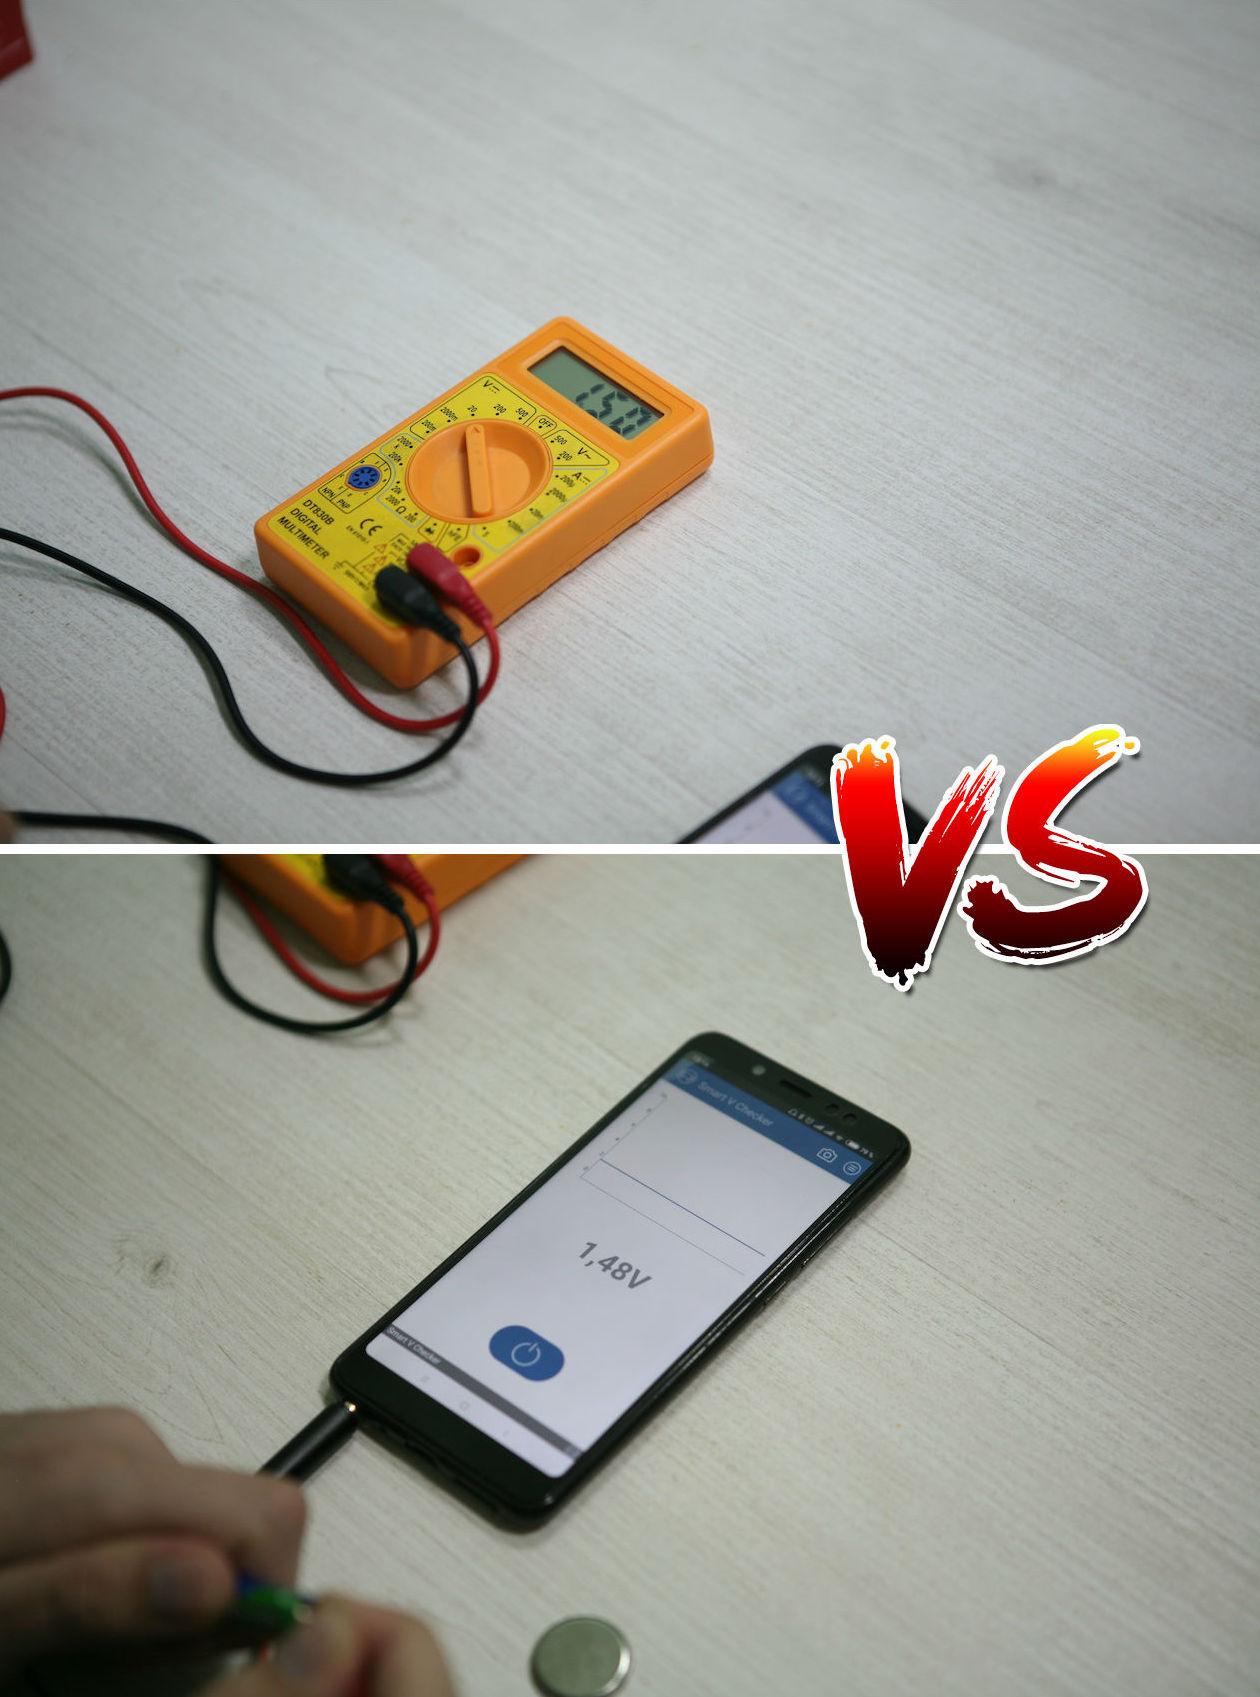 Вольтметр для батареек: карманный гаджет для смартфона с «крокодильчиками» - 3